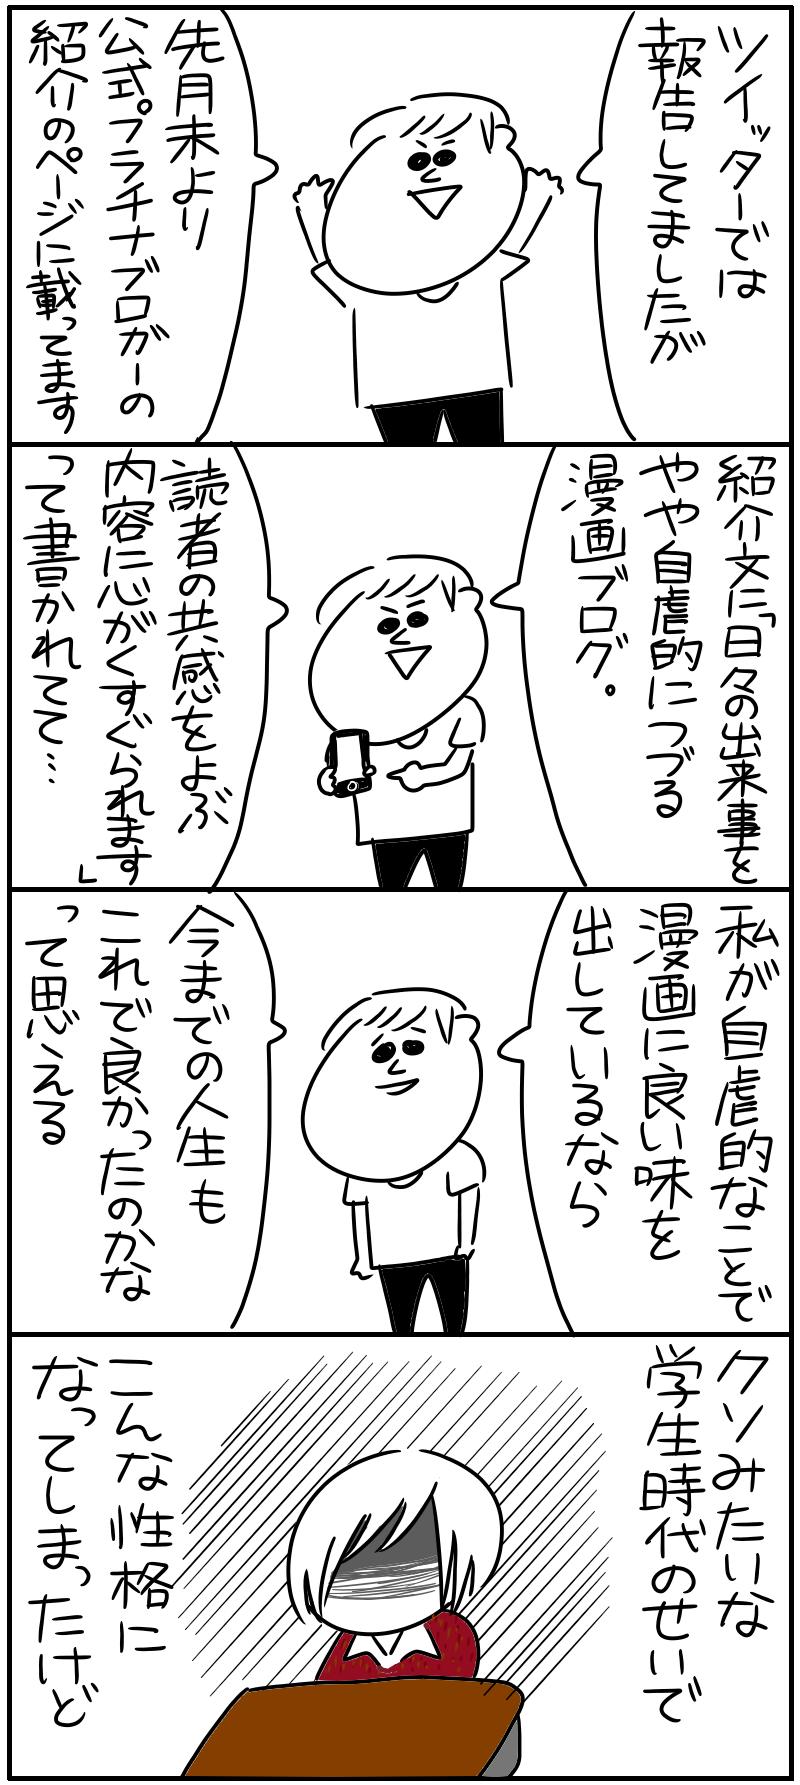 改めて_f0346353_20104836.png